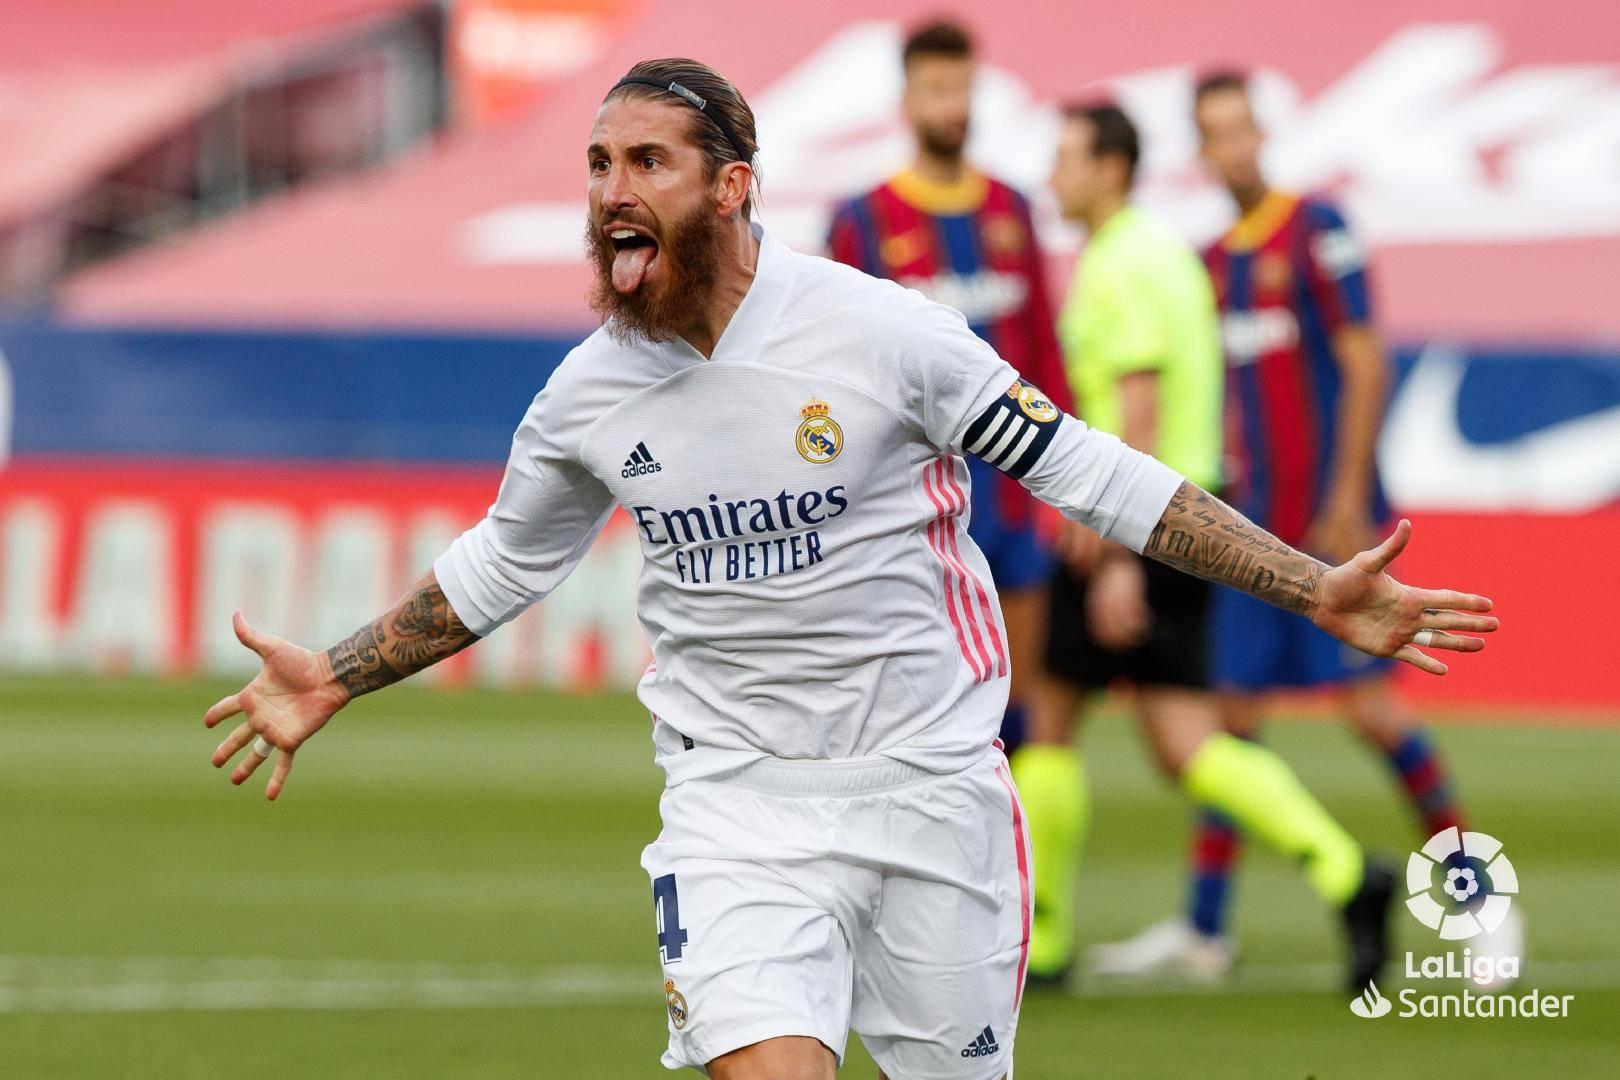 西甲联赛第7轮巴塞罗那1:3皇家马德里,法蒂为巴塞罗那进球